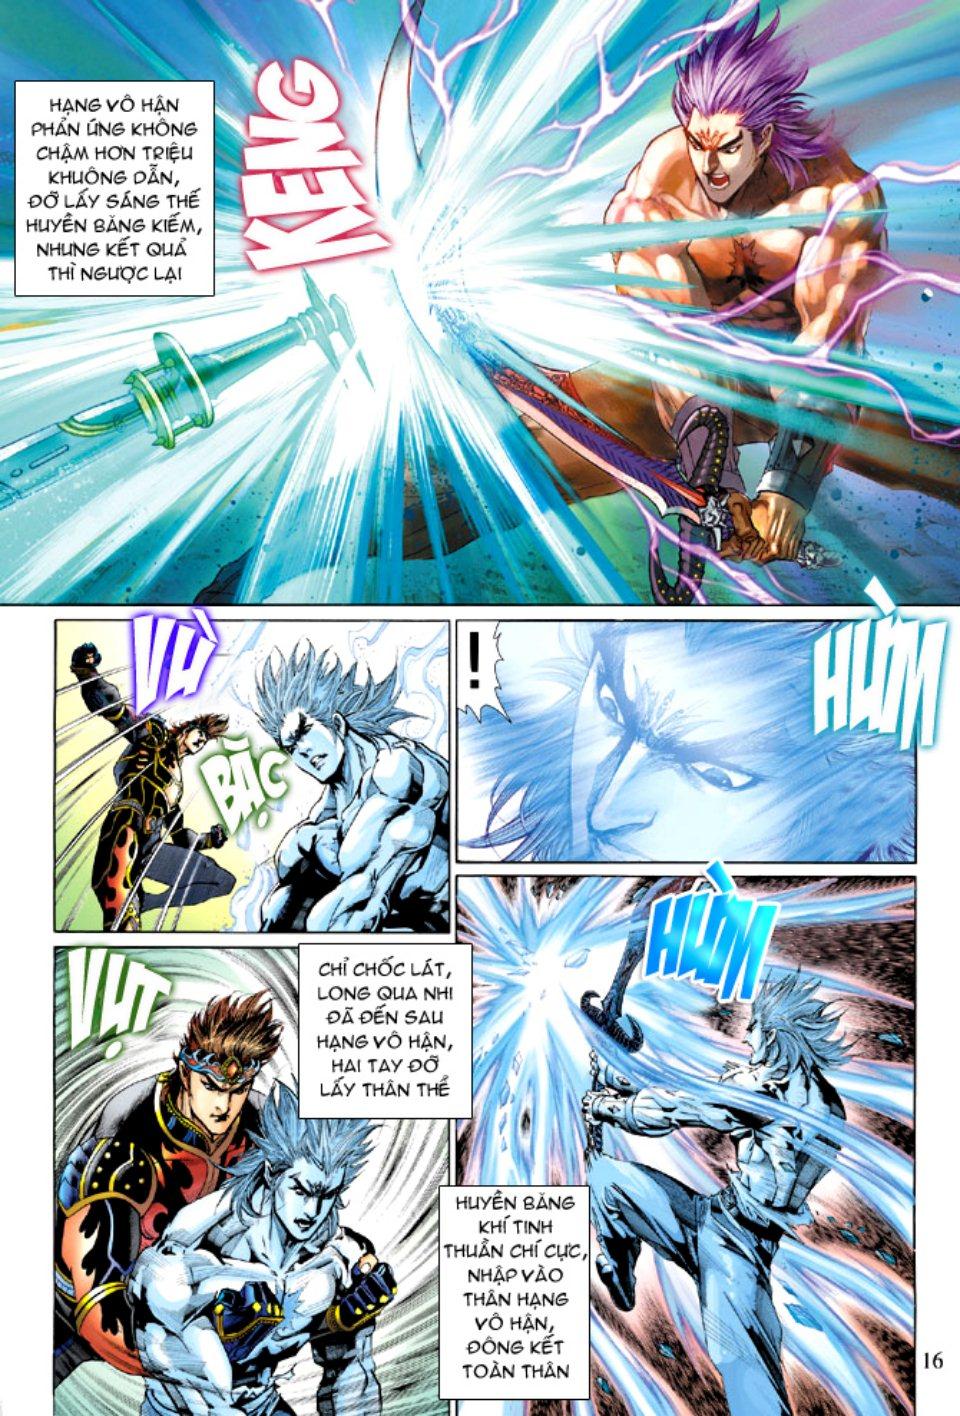 Thiên Tử Truyền Kỳ 5 - Như Lai Thần Chưởng chap 212 - Trang 16